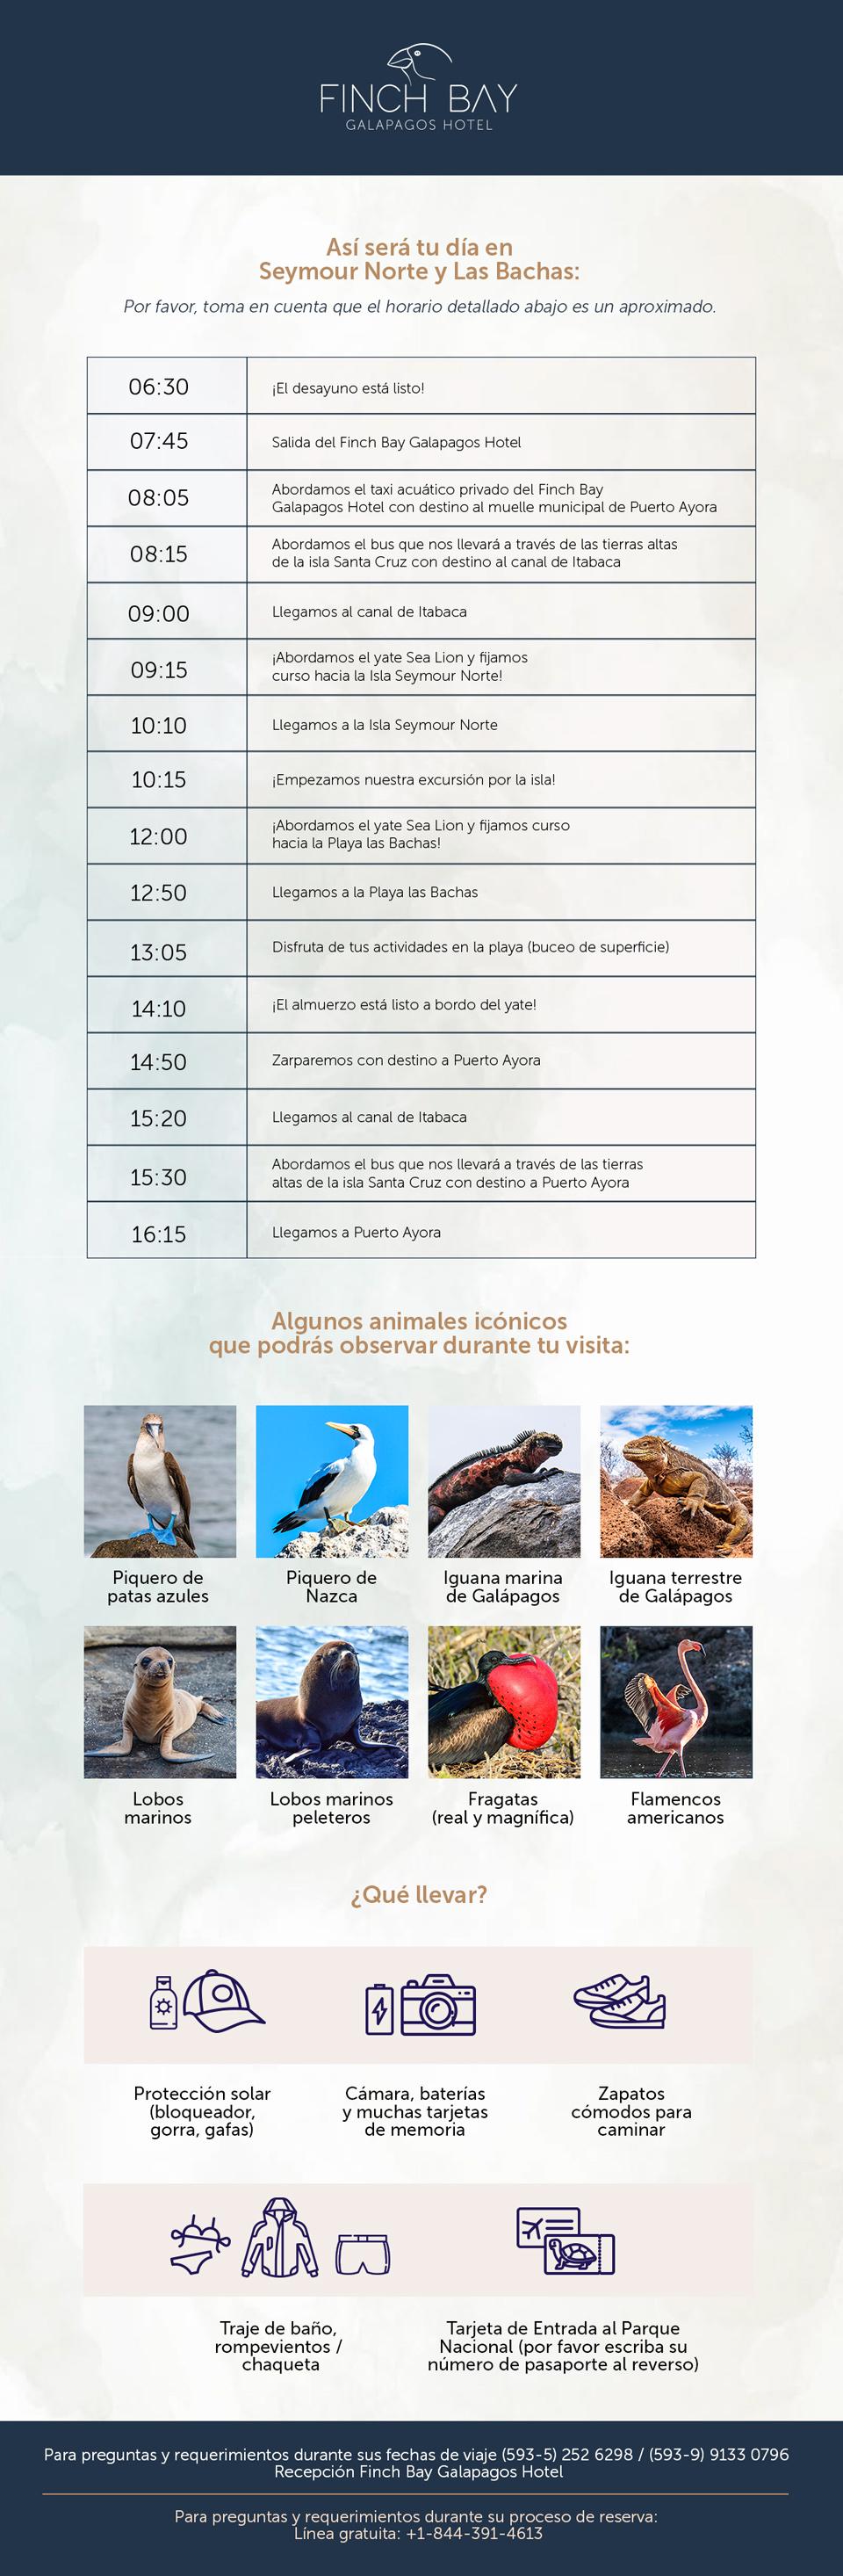 Itinerario del Yate Sea Lion: Isla Seymour Norte y Playa Las Bachas